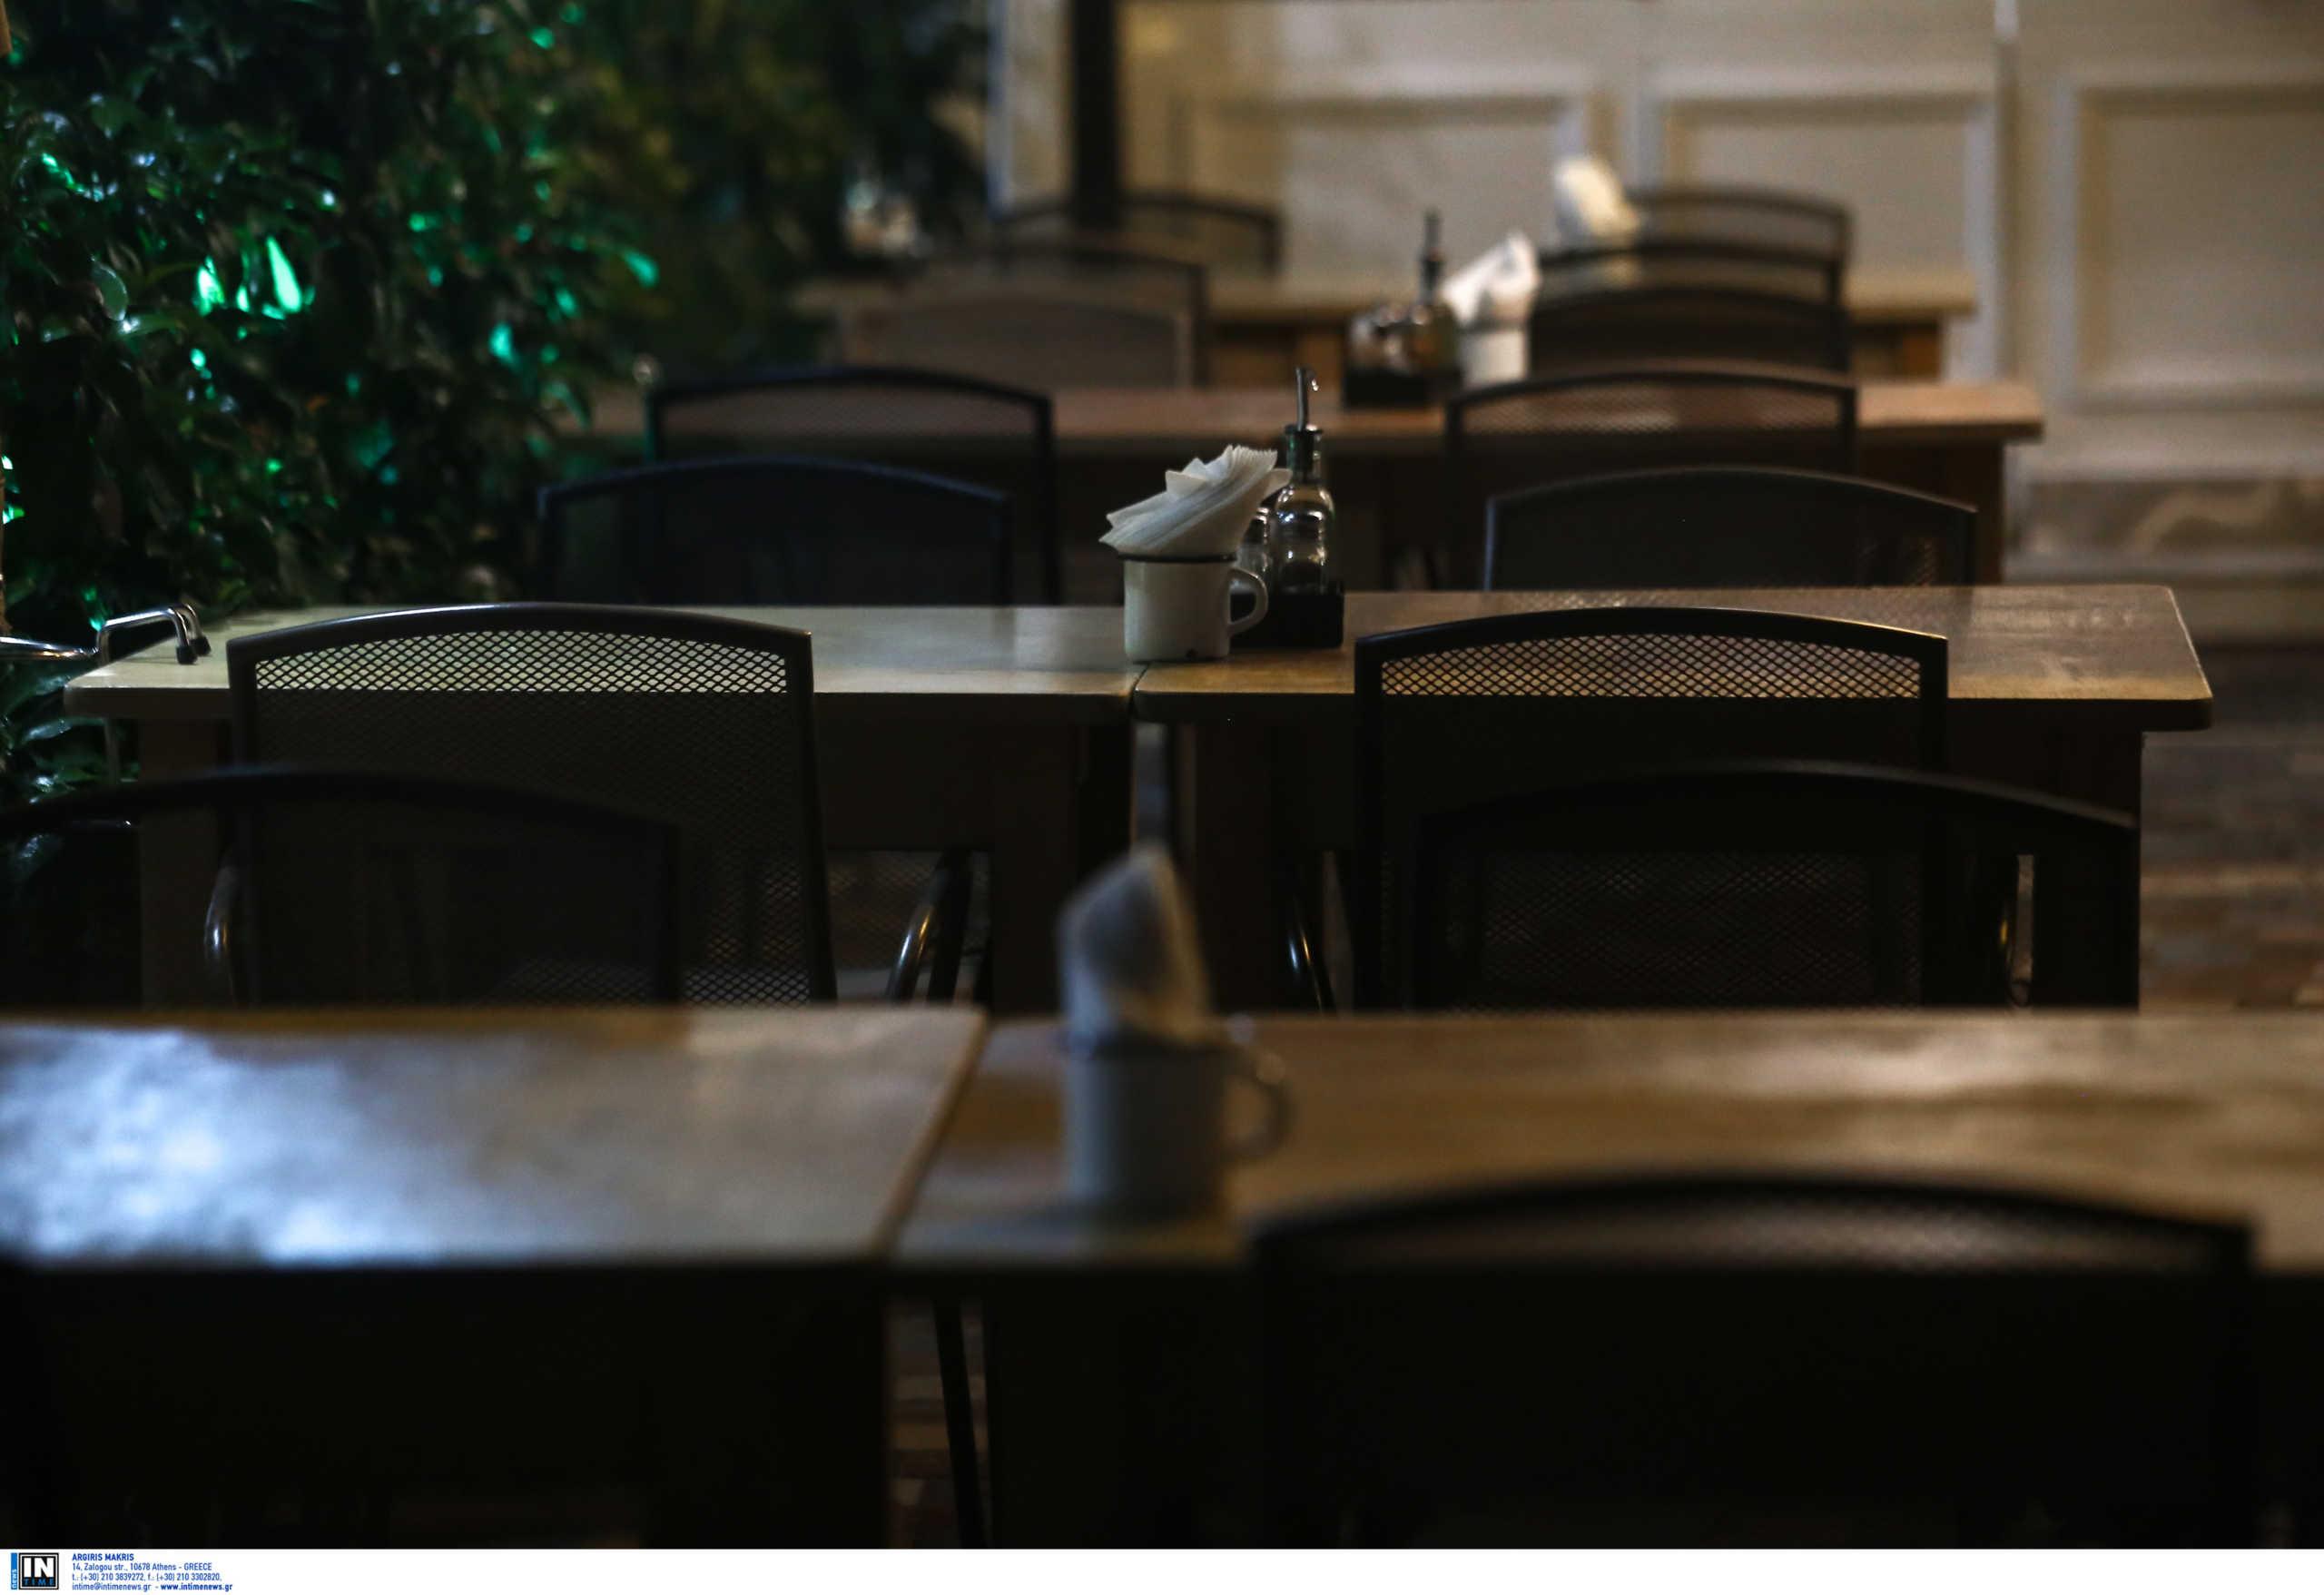 Μασσαλία: «Βρισκόμαστε σε απόγνωση» – Στους δρόμους ιδιοκτήτες μπαρ και εστιατορίων